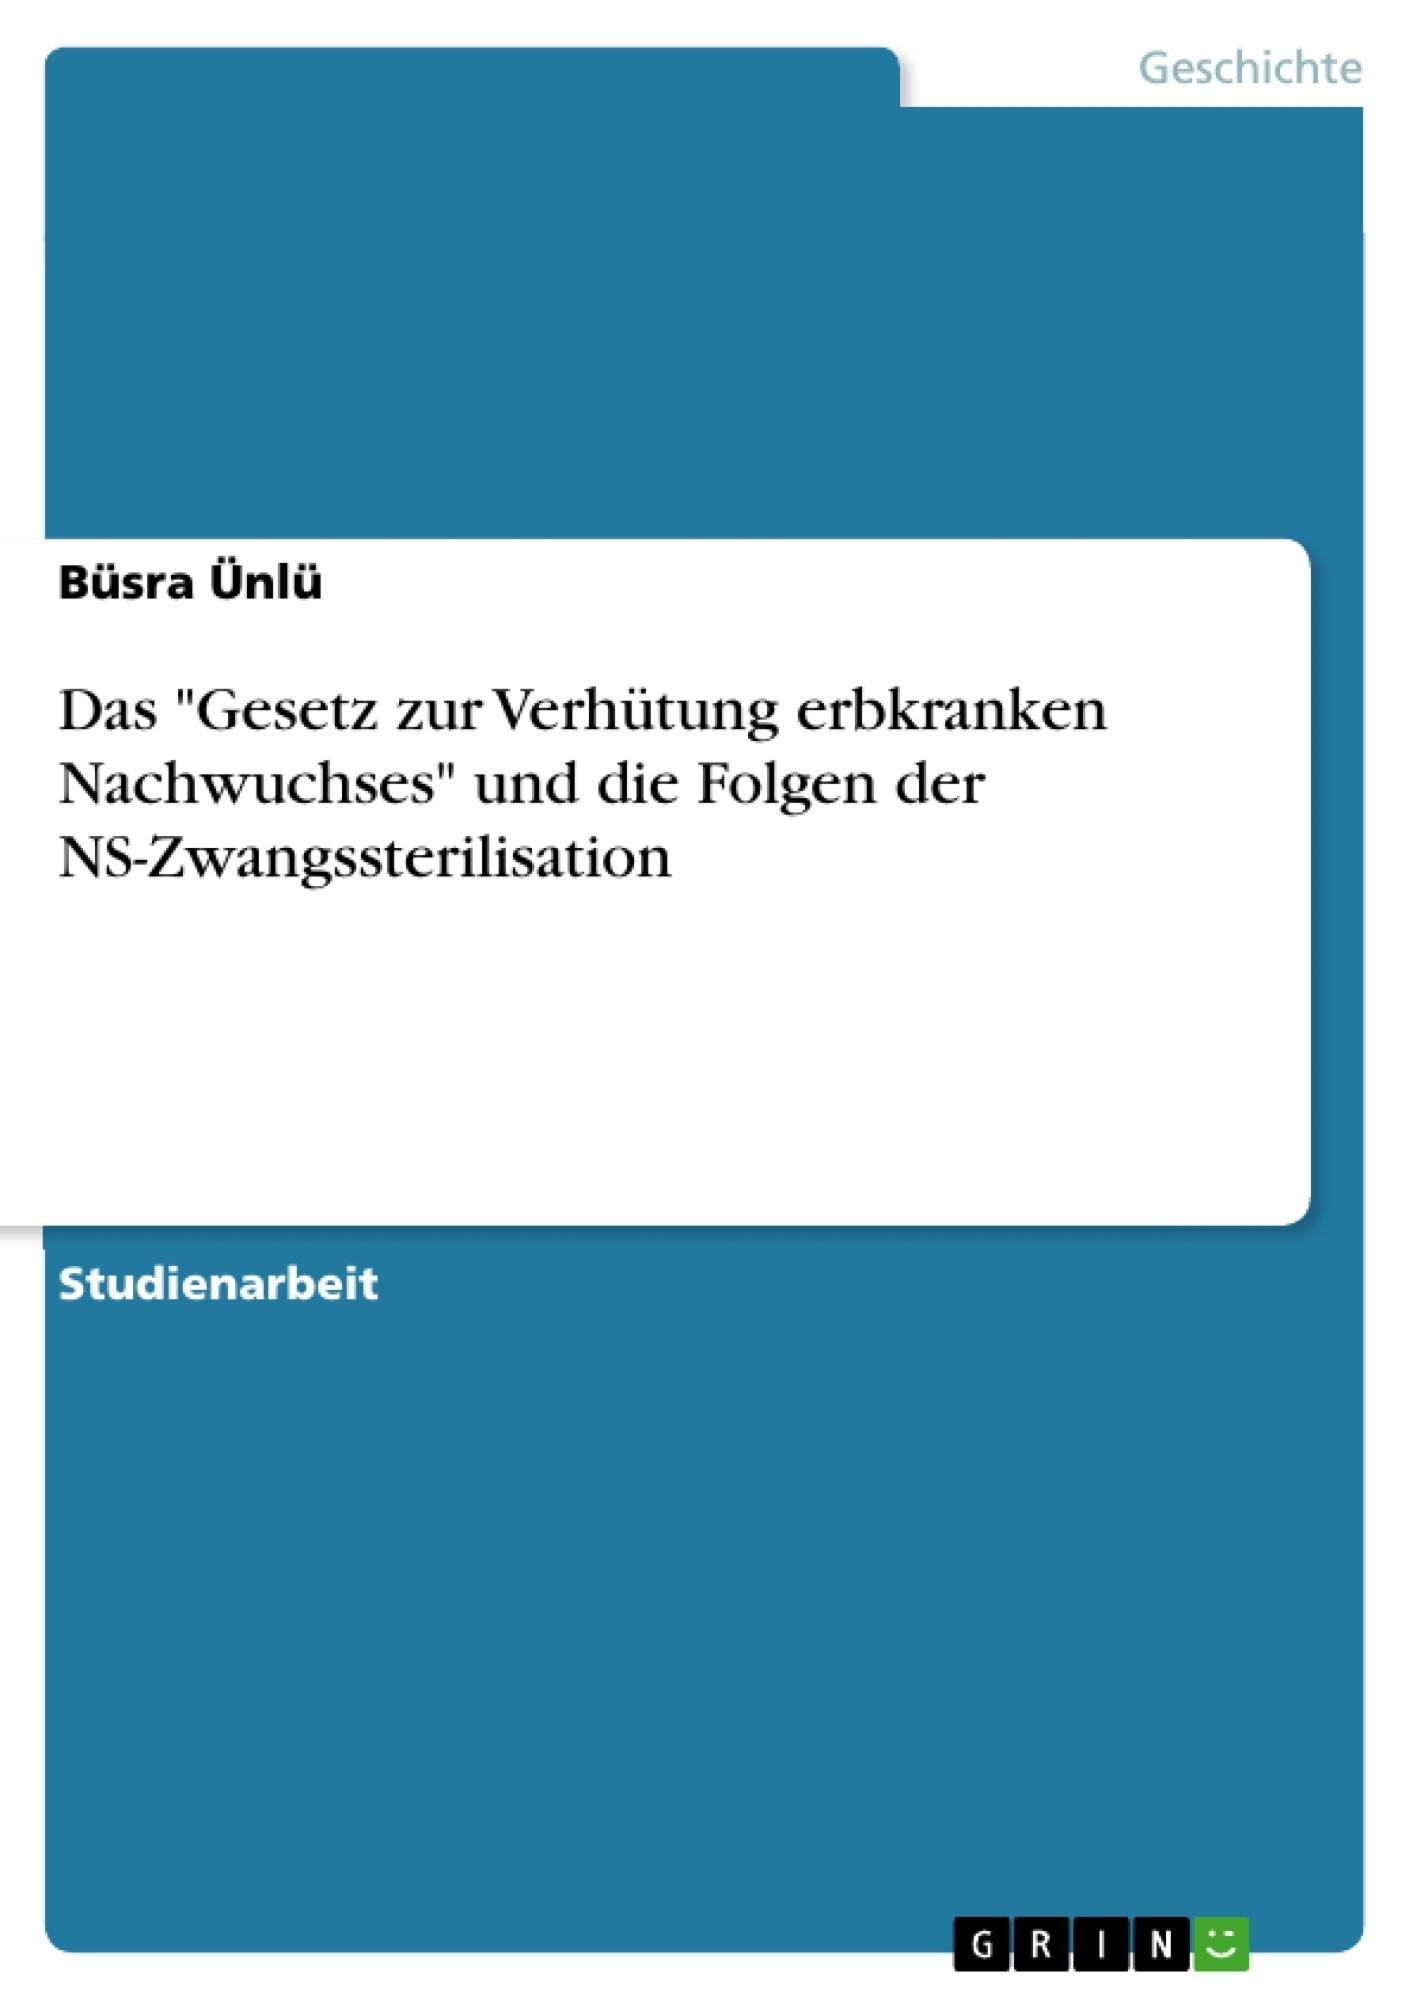 """Titel: Das """"Gesetz zur Verhütung erbkranken Nachwuchses"""" und die Folgen der NS-Zwangssterilisation"""